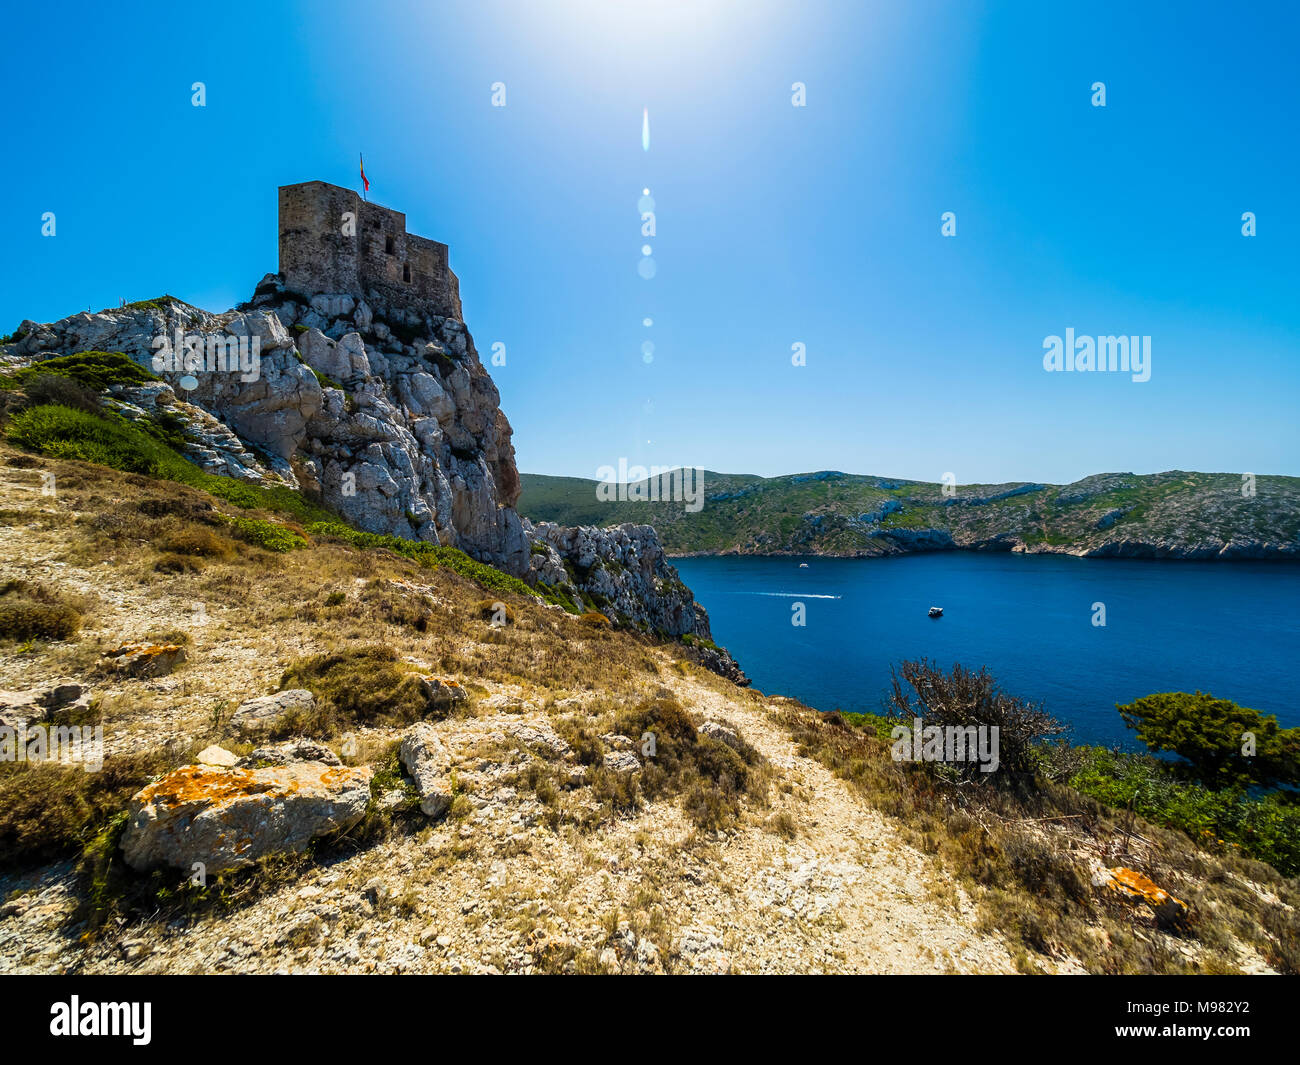 Spanien, Balearen, Mallorca, Colònia de Sant Jordi, Parque Nacional de Cabrera, Cabrera-Nationalpark, Cabrera-Archipel, die  Burg von Cabrera - Stock Image